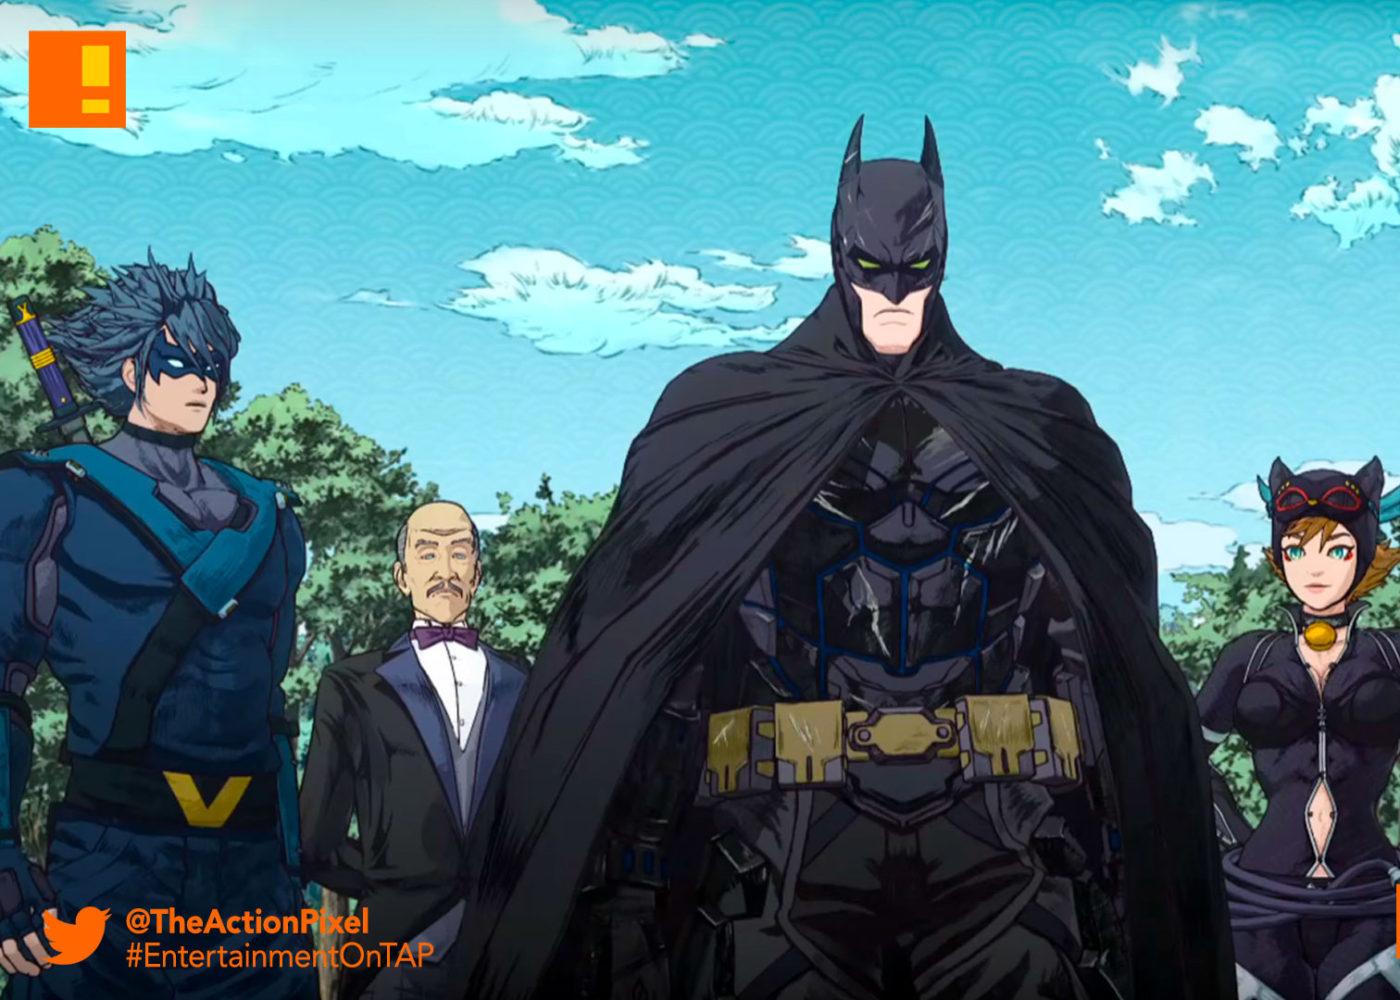 batman,ninja,dc comics, dc entertainment , the action pixel, entertainment on tap,poster, trailer, poster